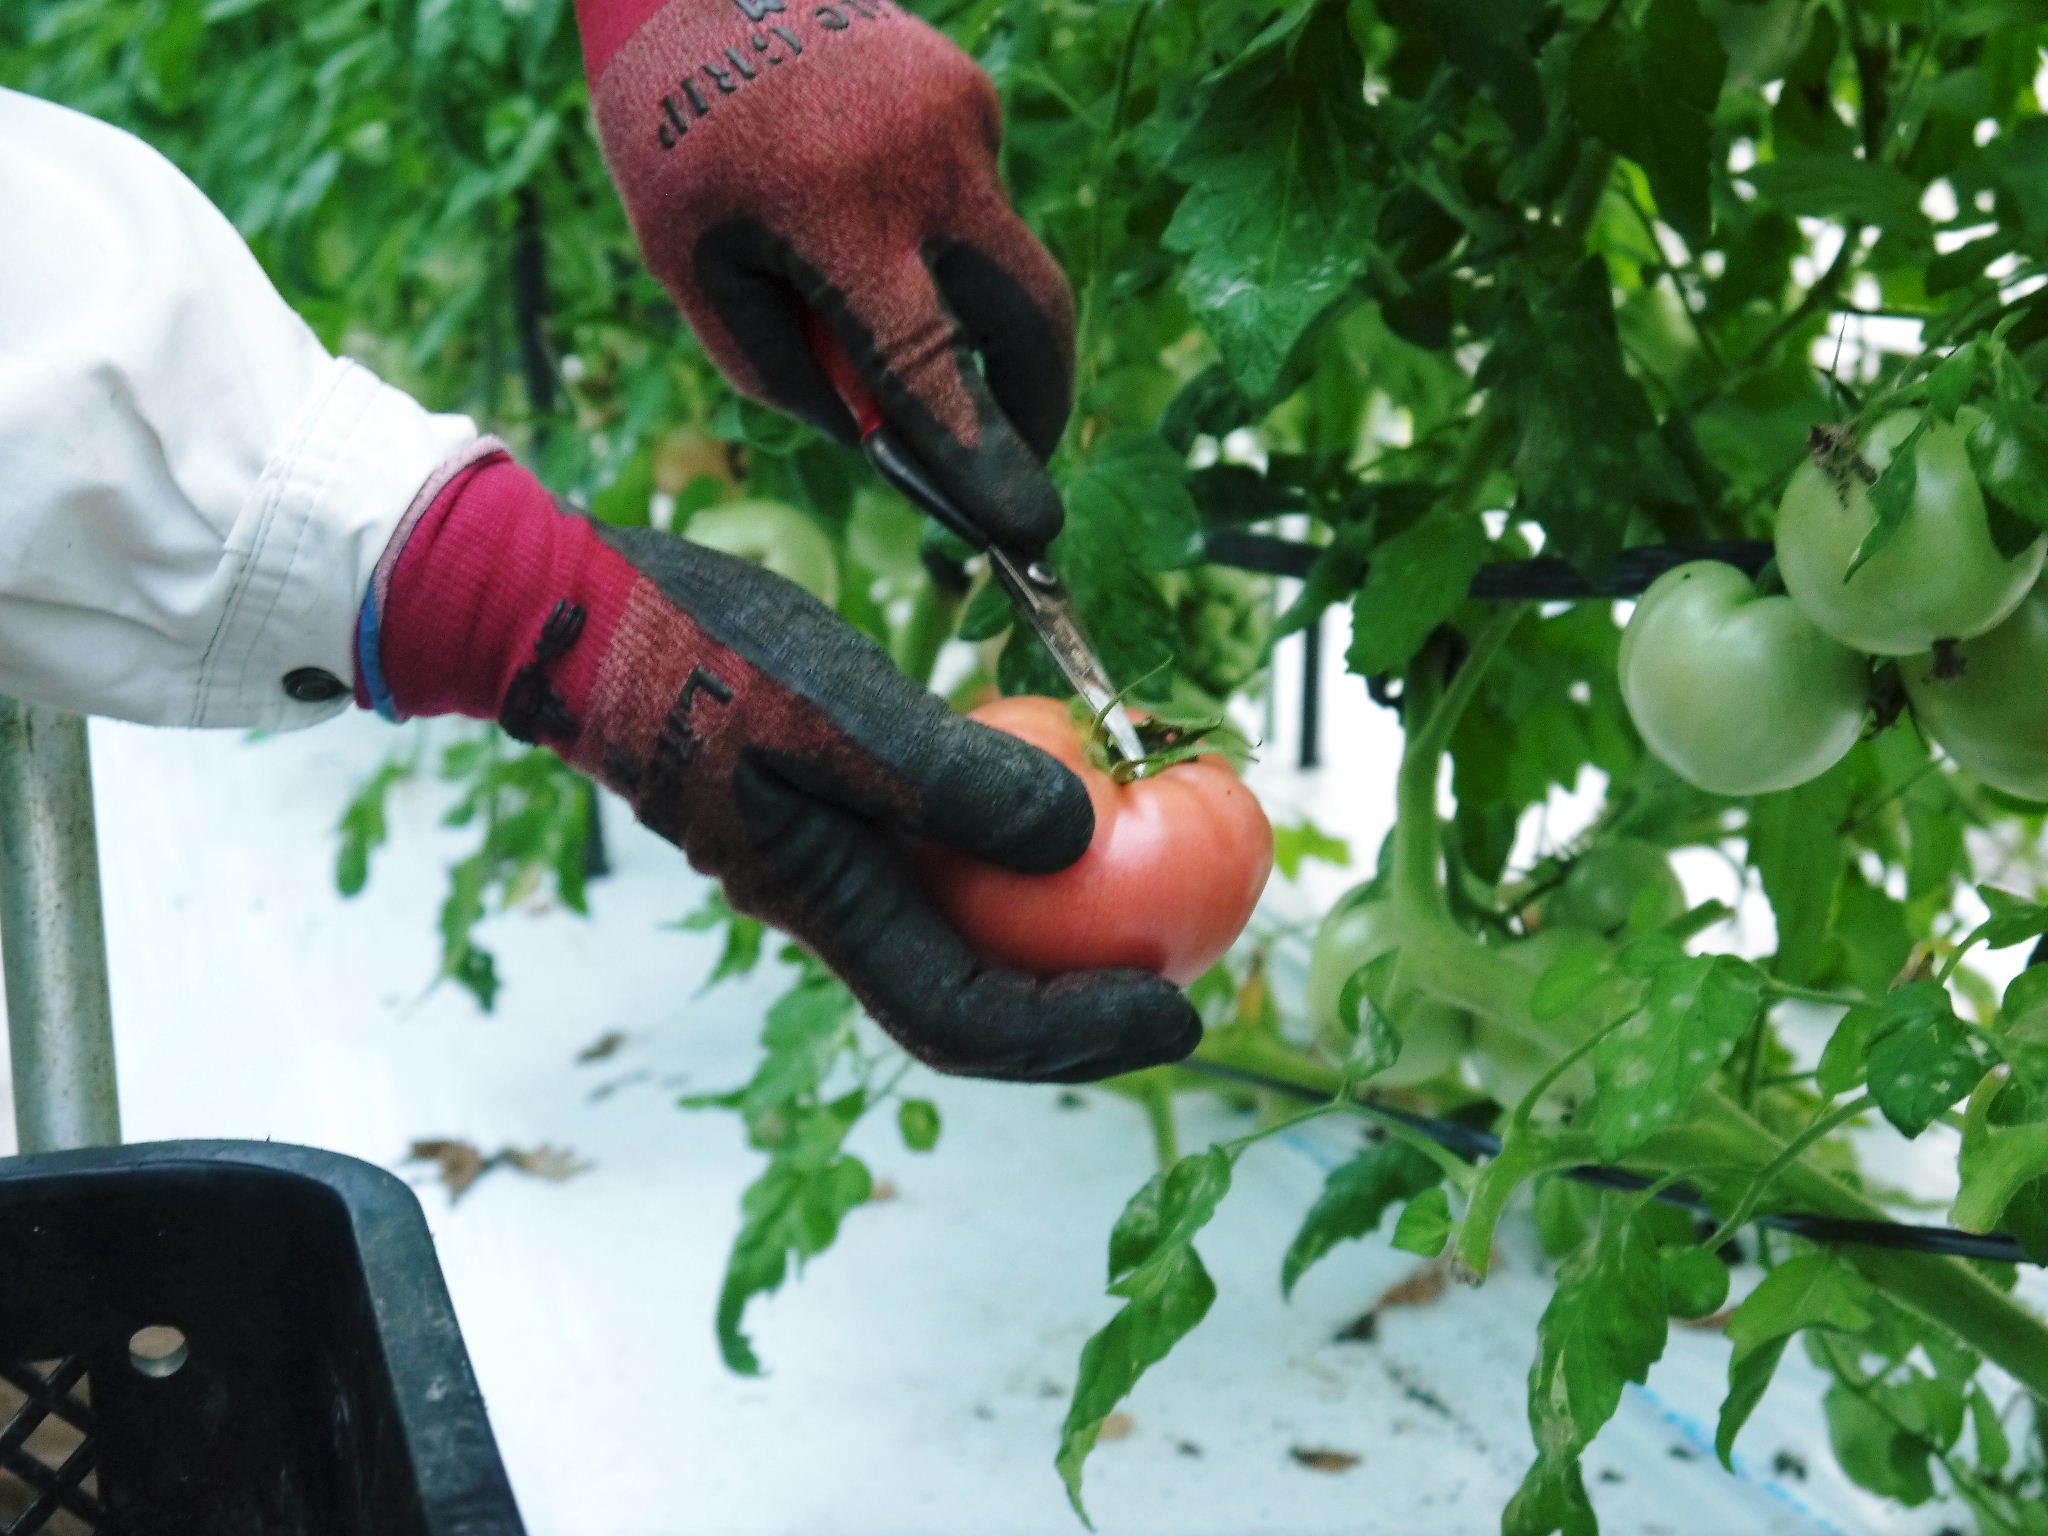 樹上完熟の朝採りトマト 最旬食材!大好評販売中!朝採り収穫の様子を現地取材!_a0254656_19191303.jpg